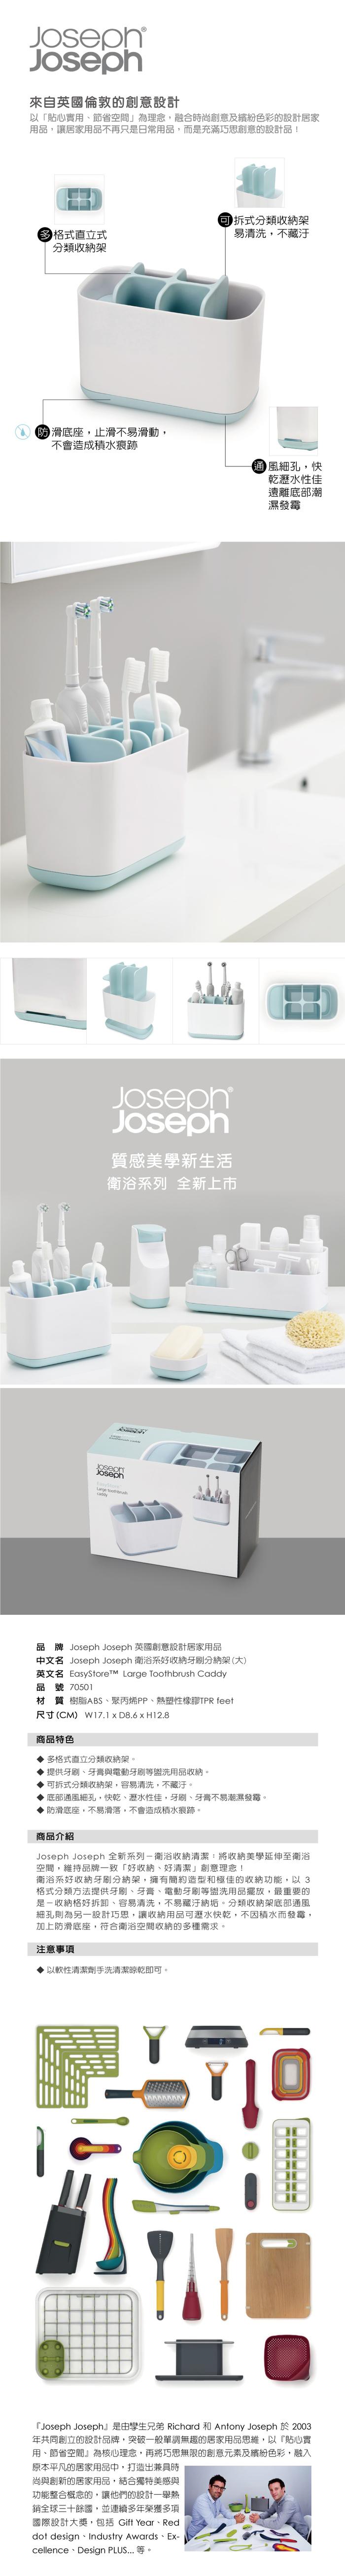 (複製)Joseph Joseph|英國創意餐廚  衛浴系好輕便手皂盒